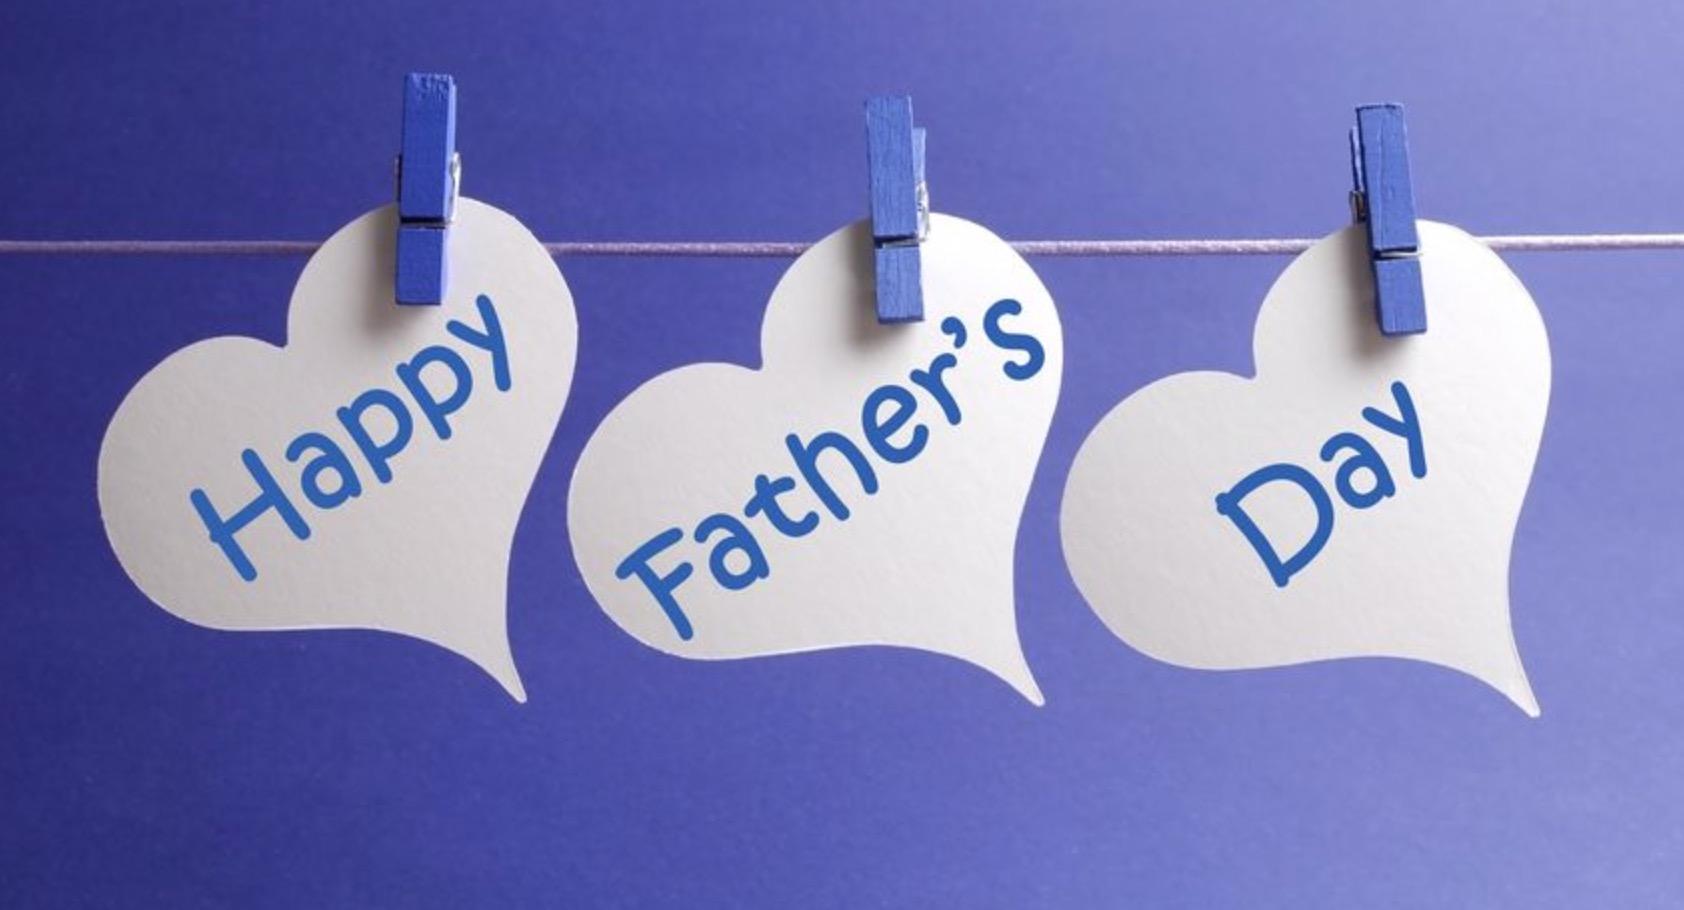 Buona Festa del Papà messaggio